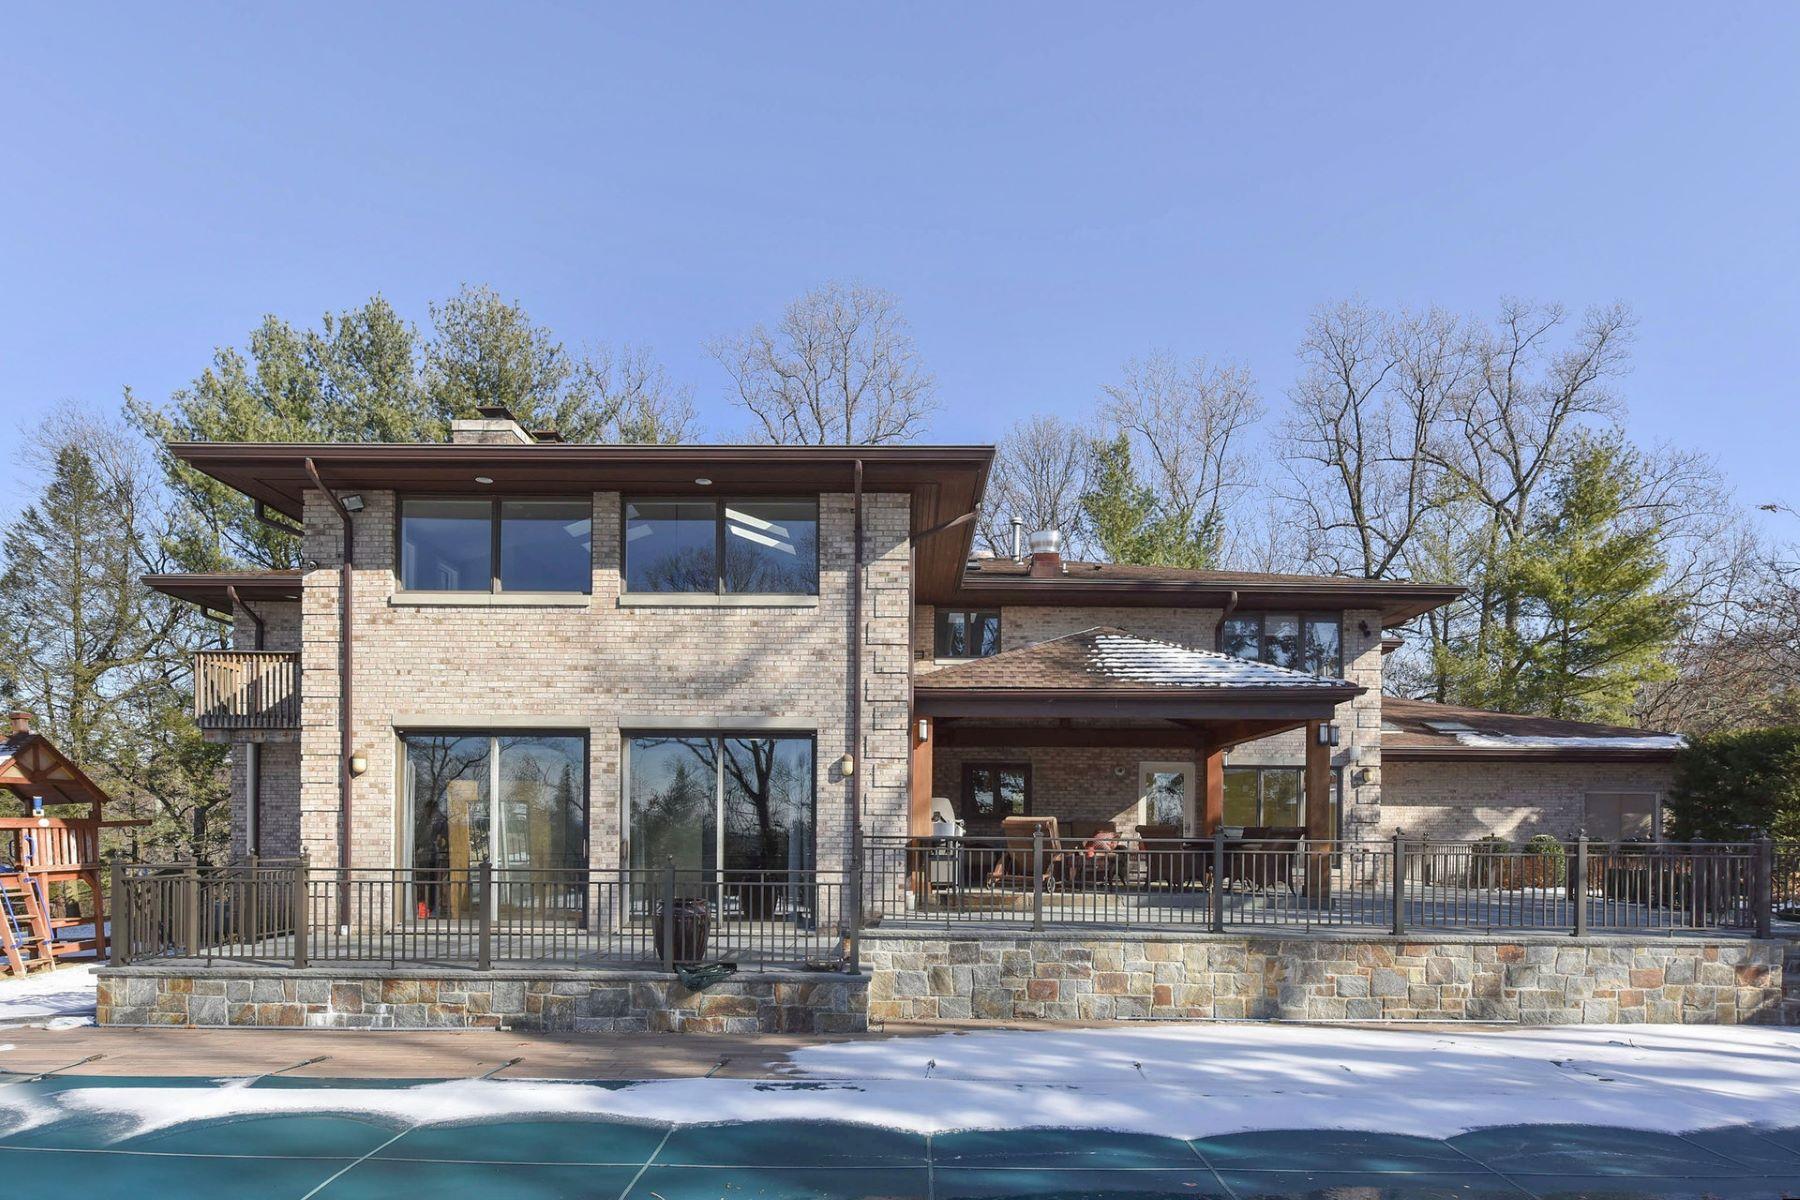 Casa Unifamiliar por un Venta en East Hill 299 Truman Dr, Cresskill, Nueva Jersey 07626 Estados Unidos